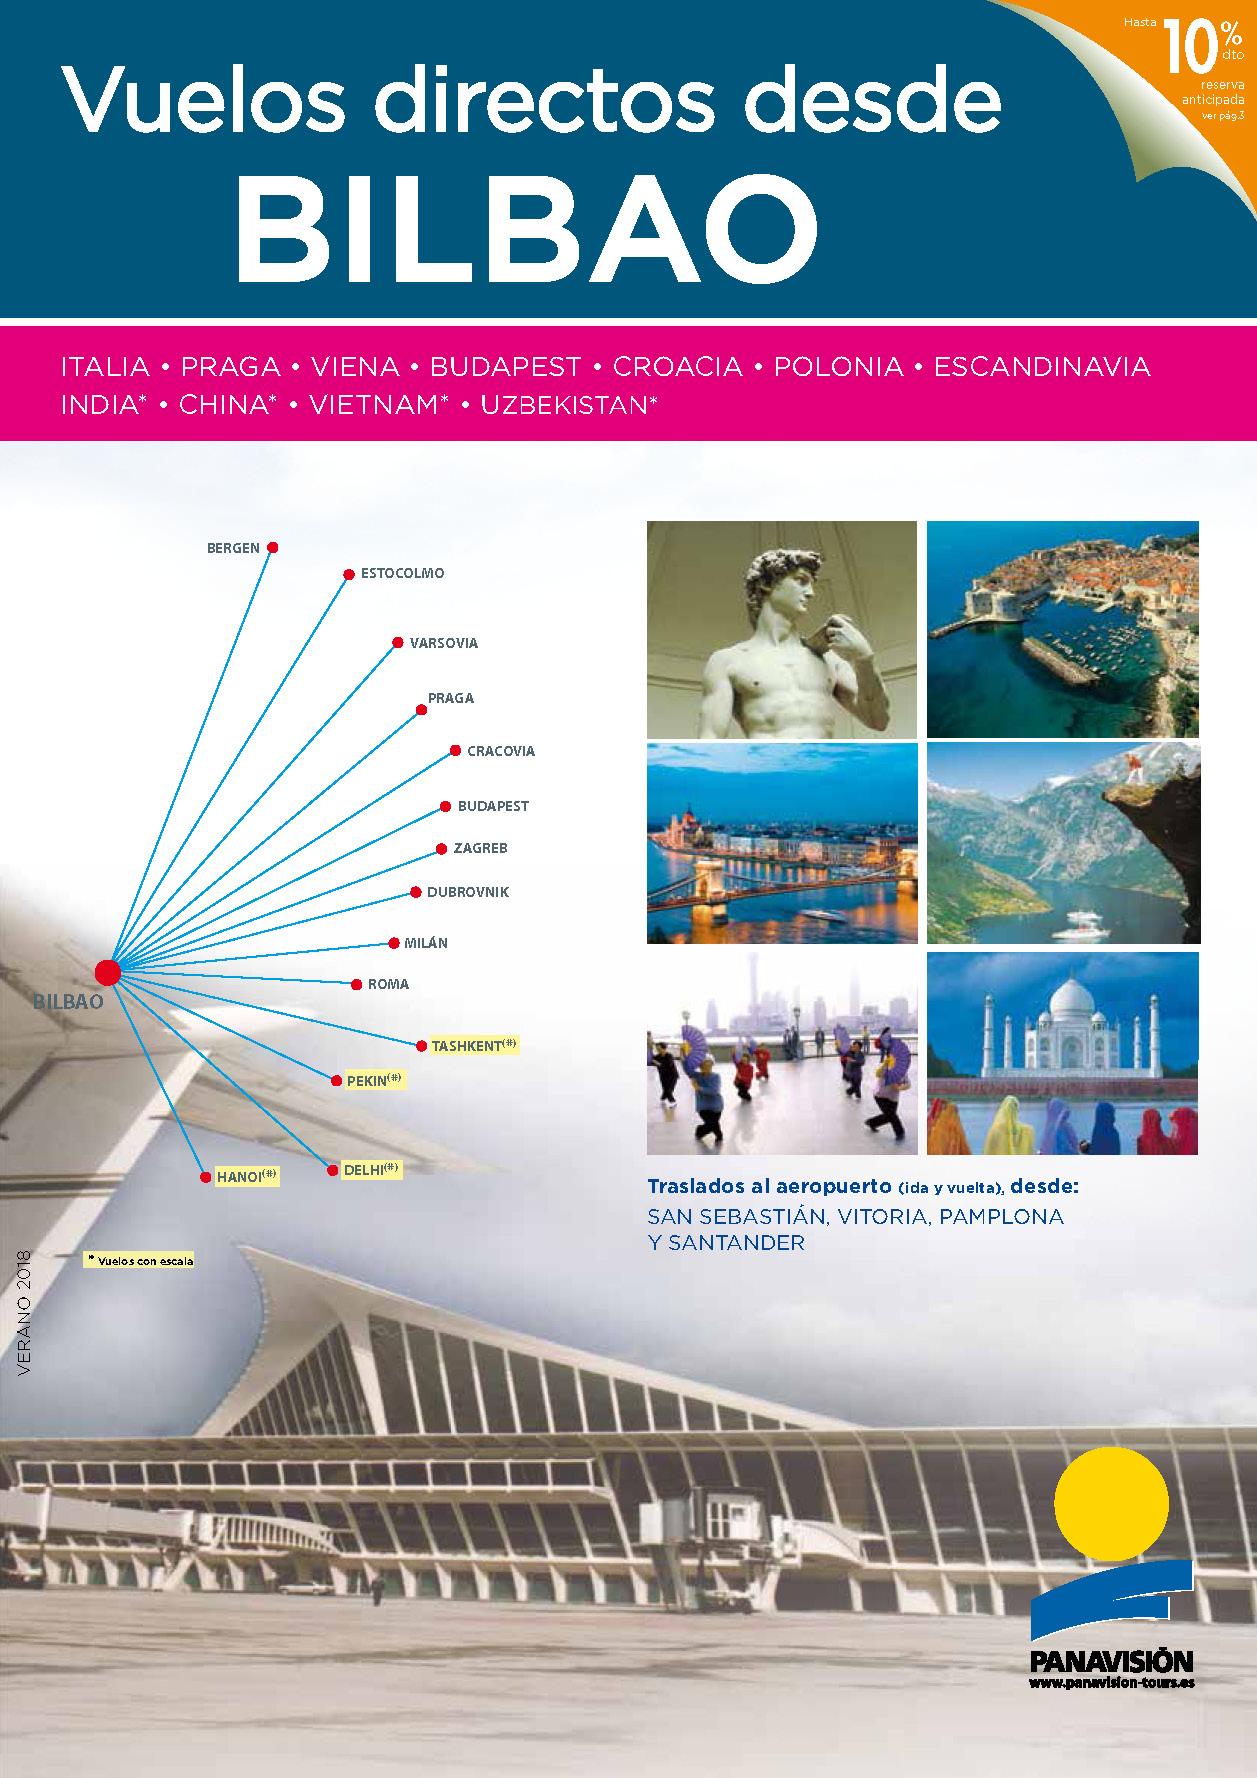 Catalogo Panavisión Circuitos con vuelos directos desde Bilbao 2018 BI8